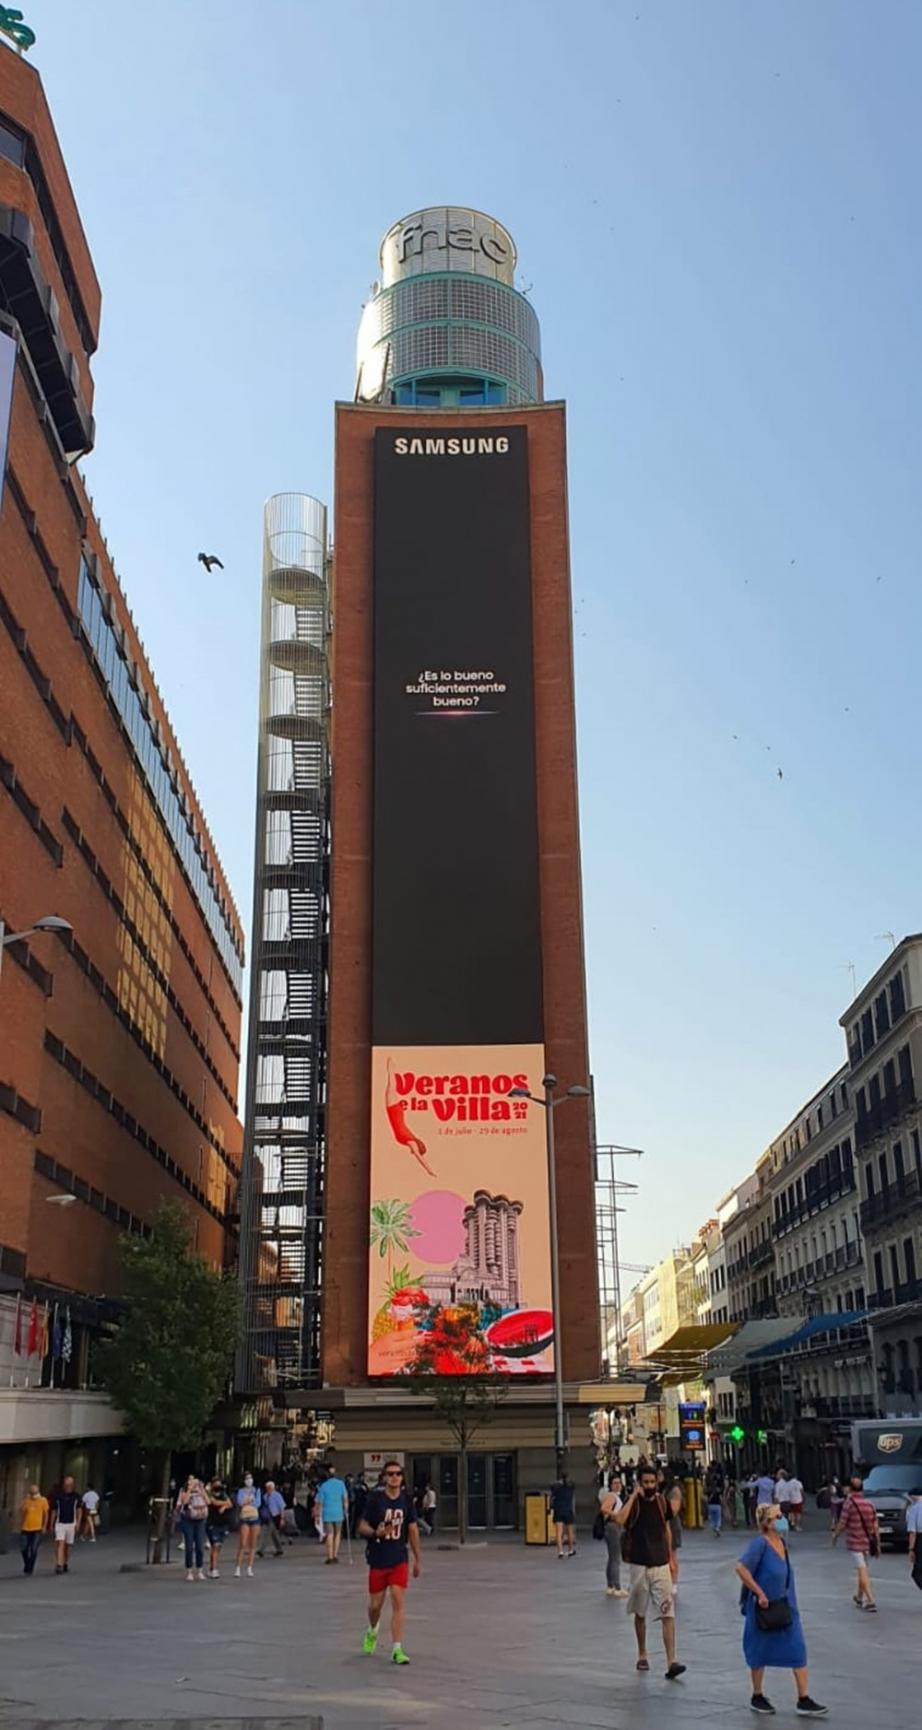 삼성-갤럭시-언팩-2021-옥외광고_스페인-마드리드-까야오-광장.jpg